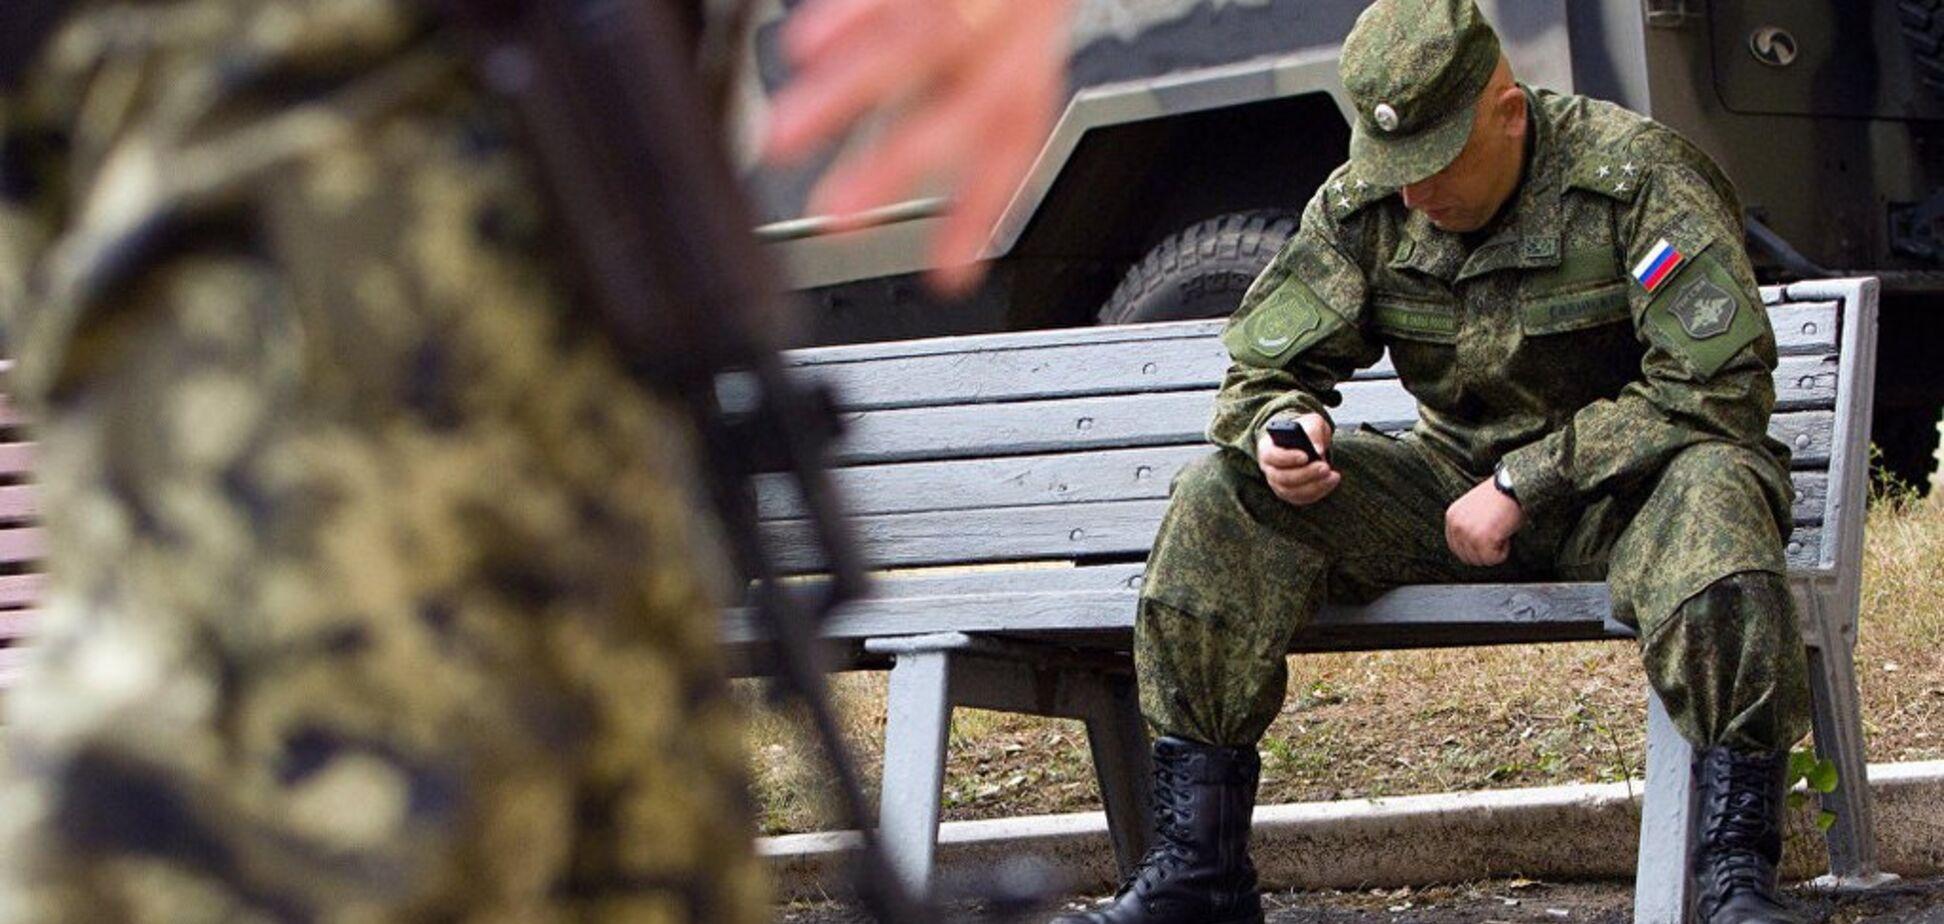 Підірвалися на власних мінах: росіяни зазнали серйозних втрат на Донбасі